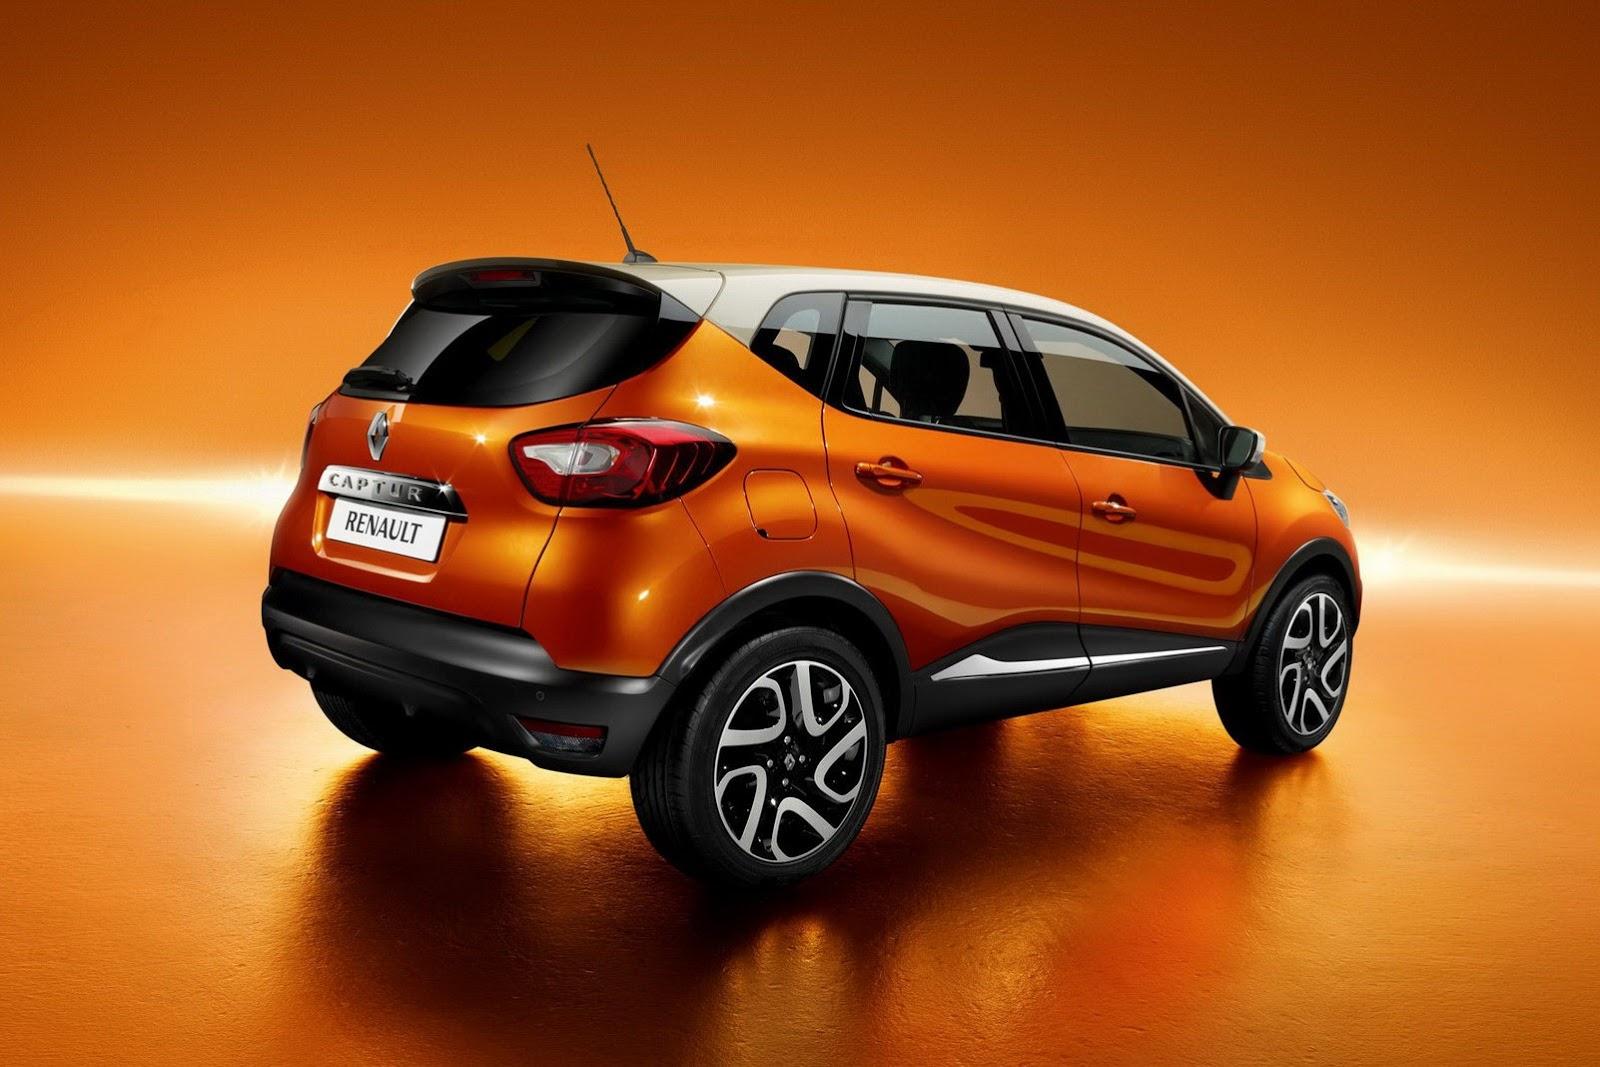 prezzo in Italia della Renault Captur